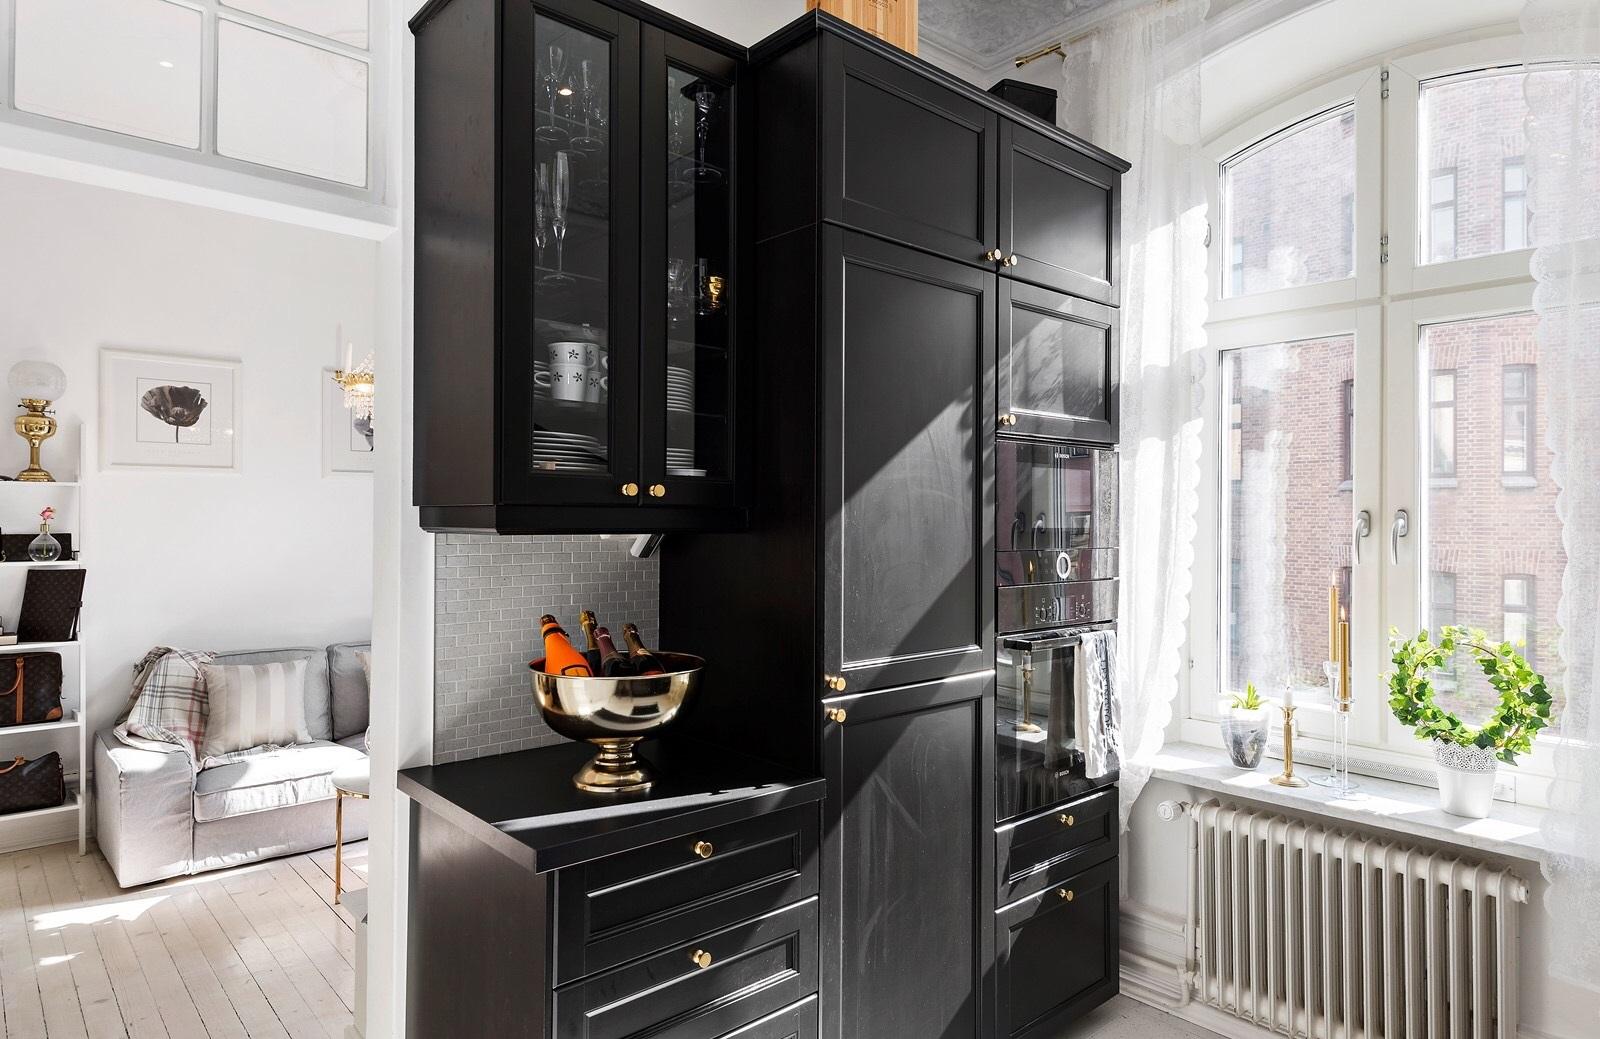 Convierte tu cocina laxarby de ikea en una cocina chic for Decoracion cocinas ikea